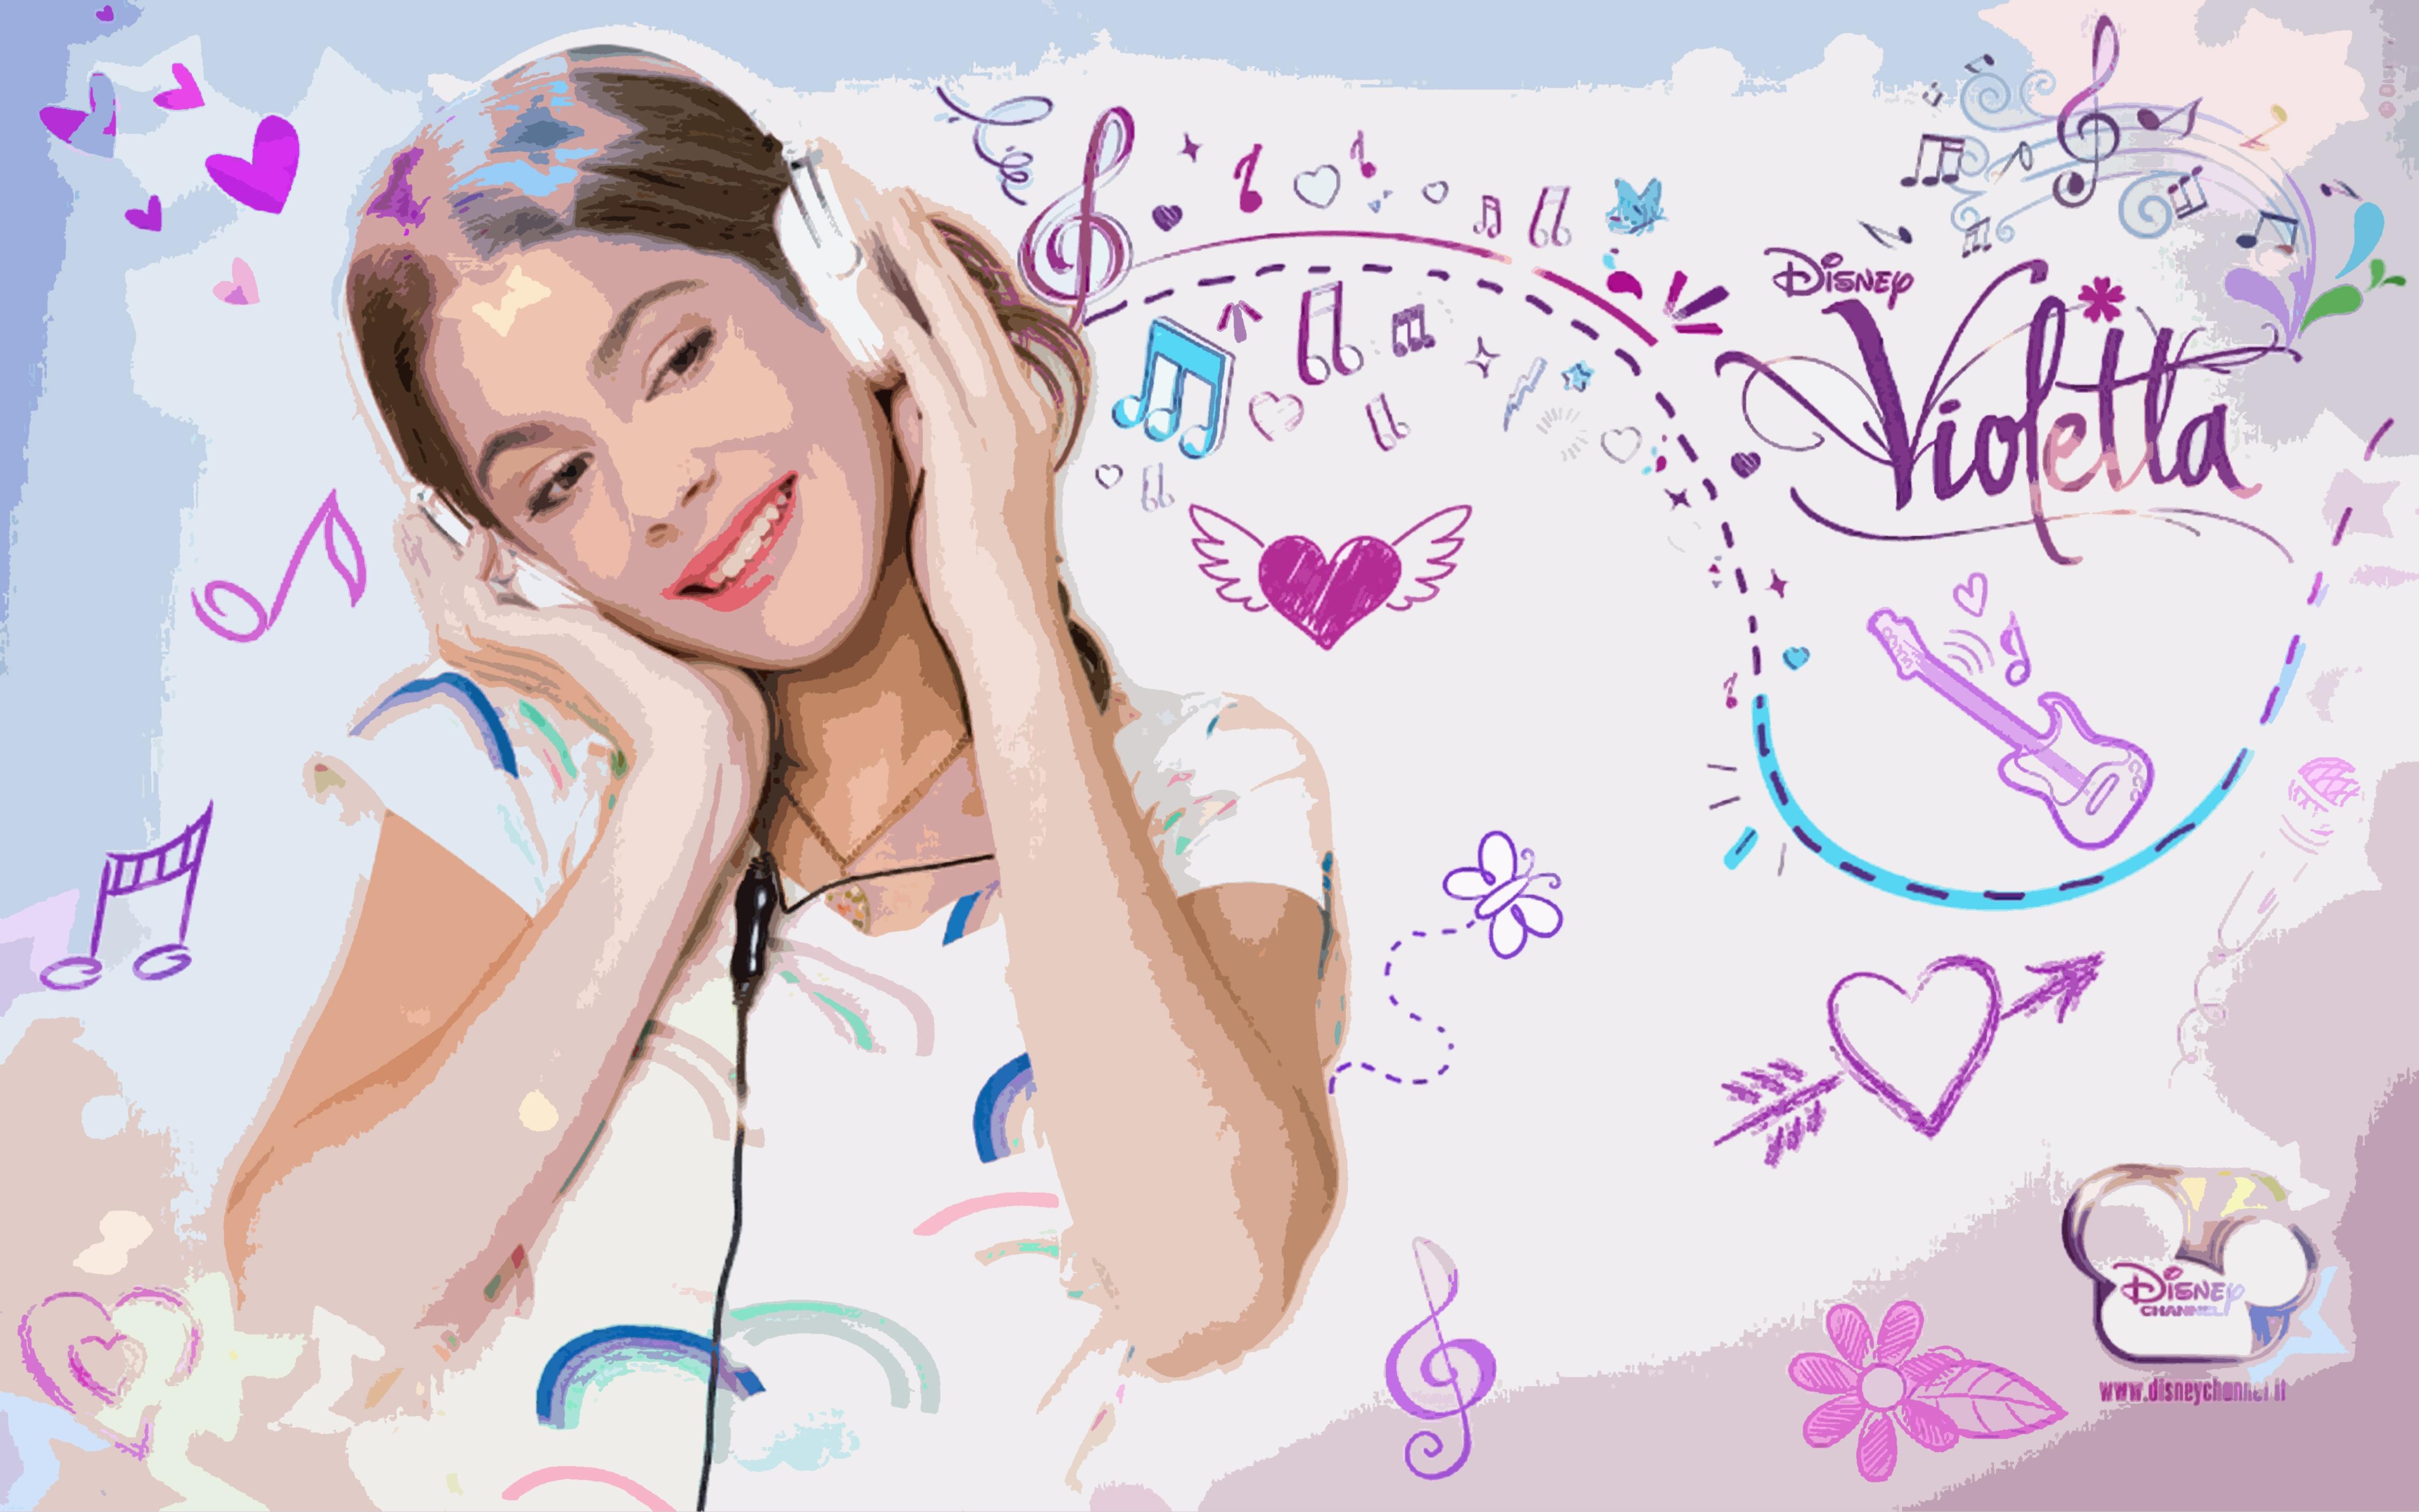 vilu   Violetta Wallpaper 4535x2835 100010 4535x2835